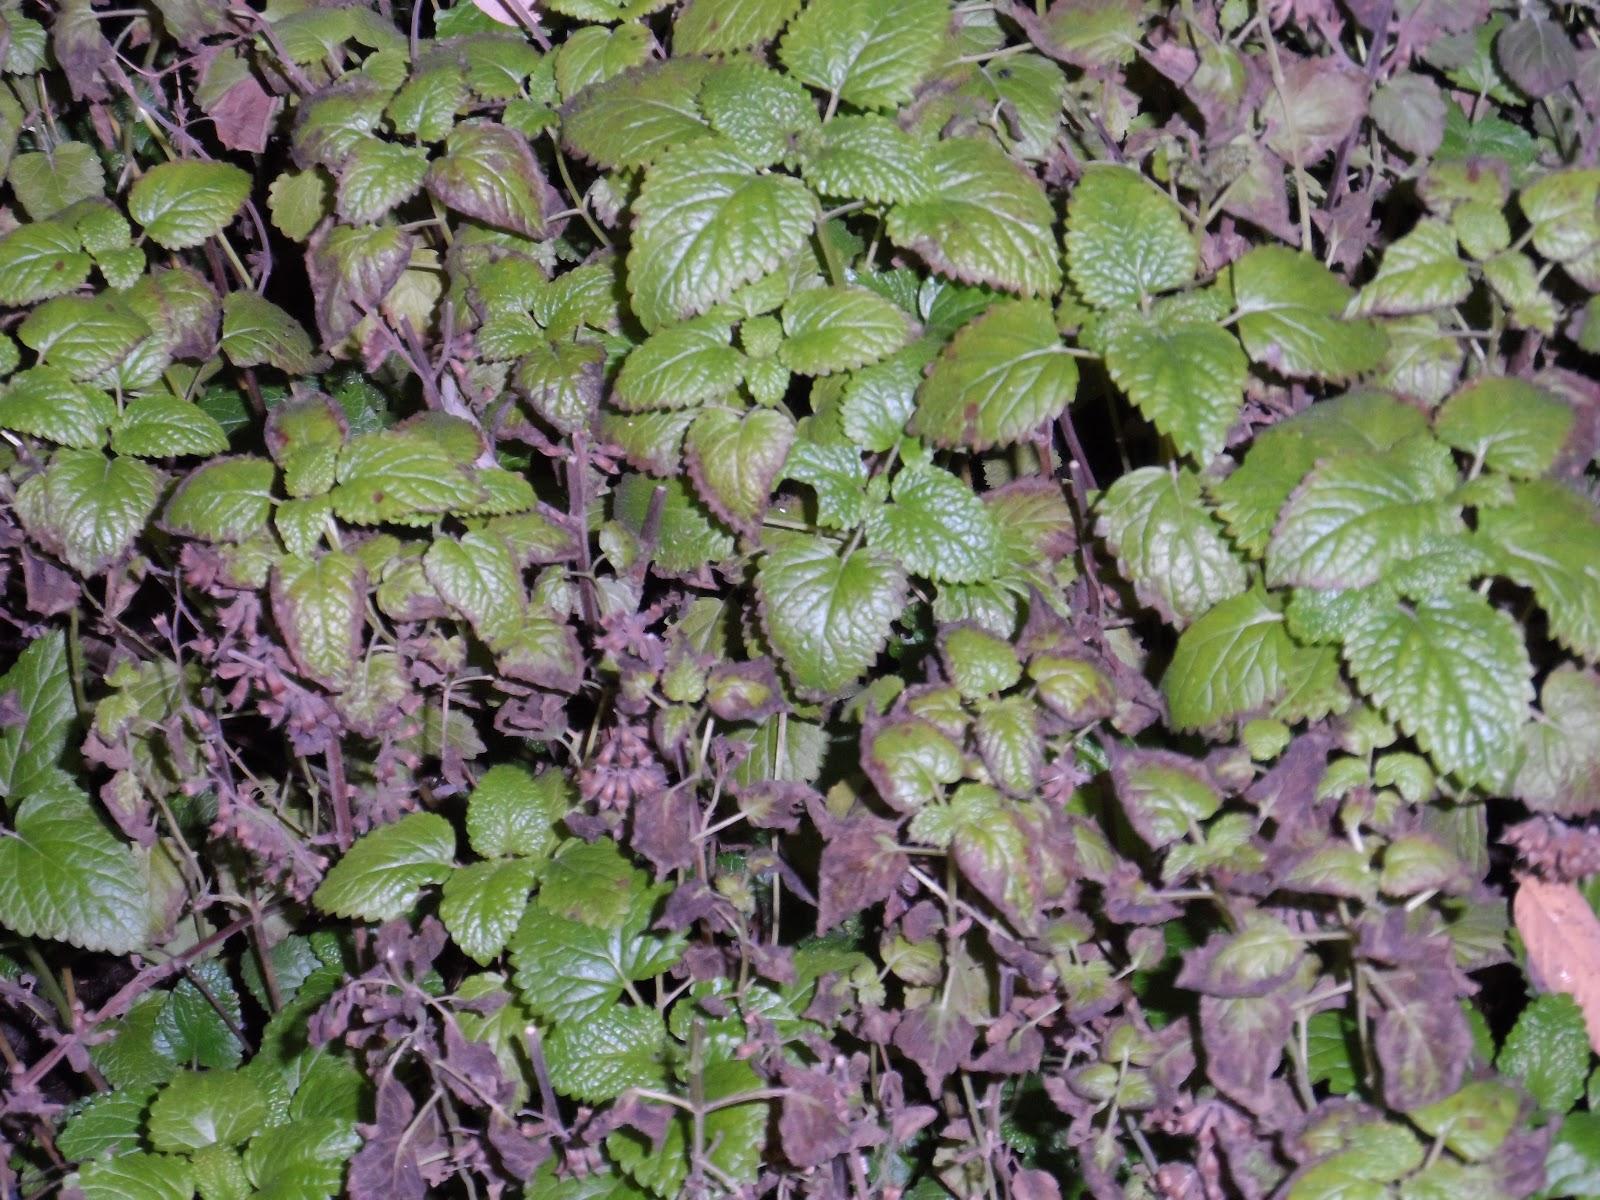 Jardines ciencia y arte plantas medicinales del jard n for Jardin botanico medicinal